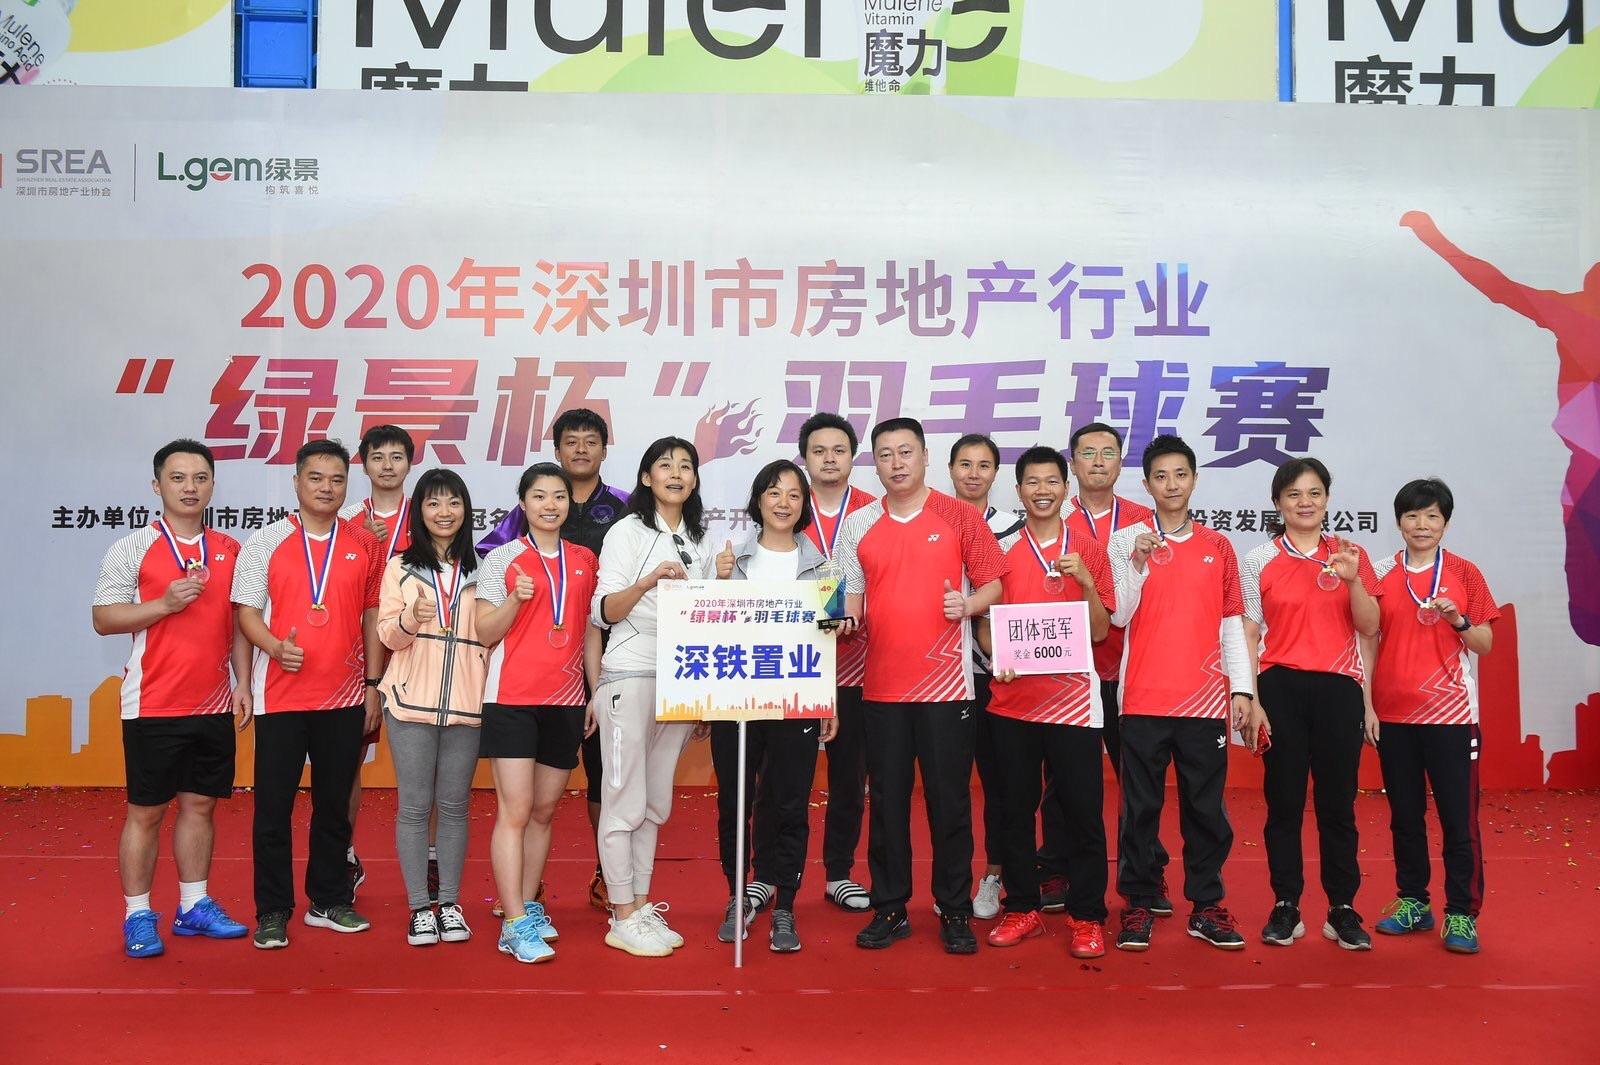 深铁置业勇夺2020年房地产开发行业协会羽毛球赛冠军,卫冕九连冠